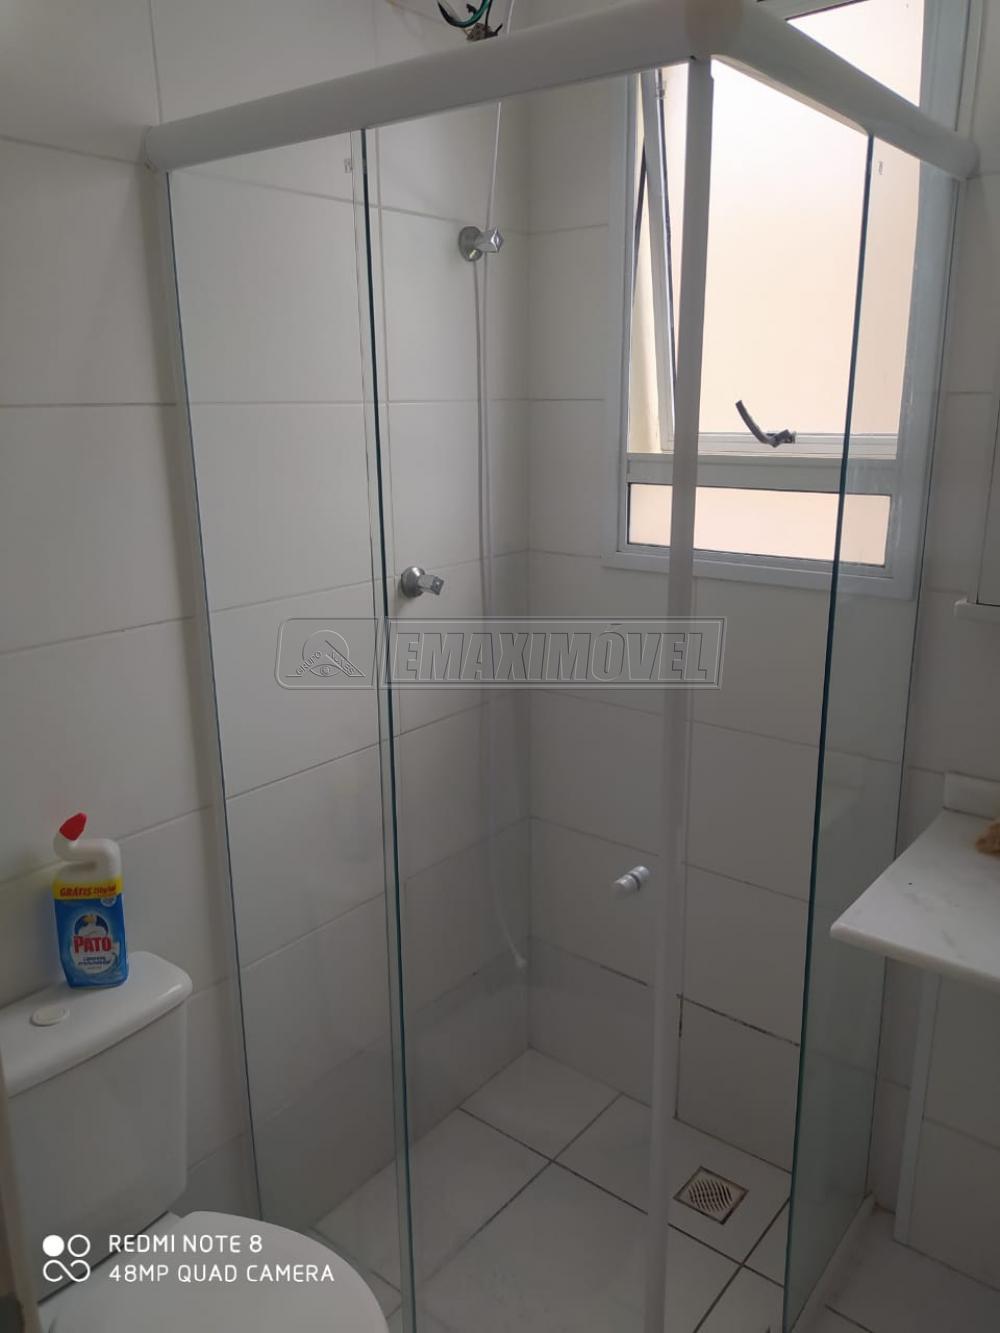 Alugar Apartamentos / Apto Padrão em Sorocaba apenas R$ 1.350,00 - Foto 12